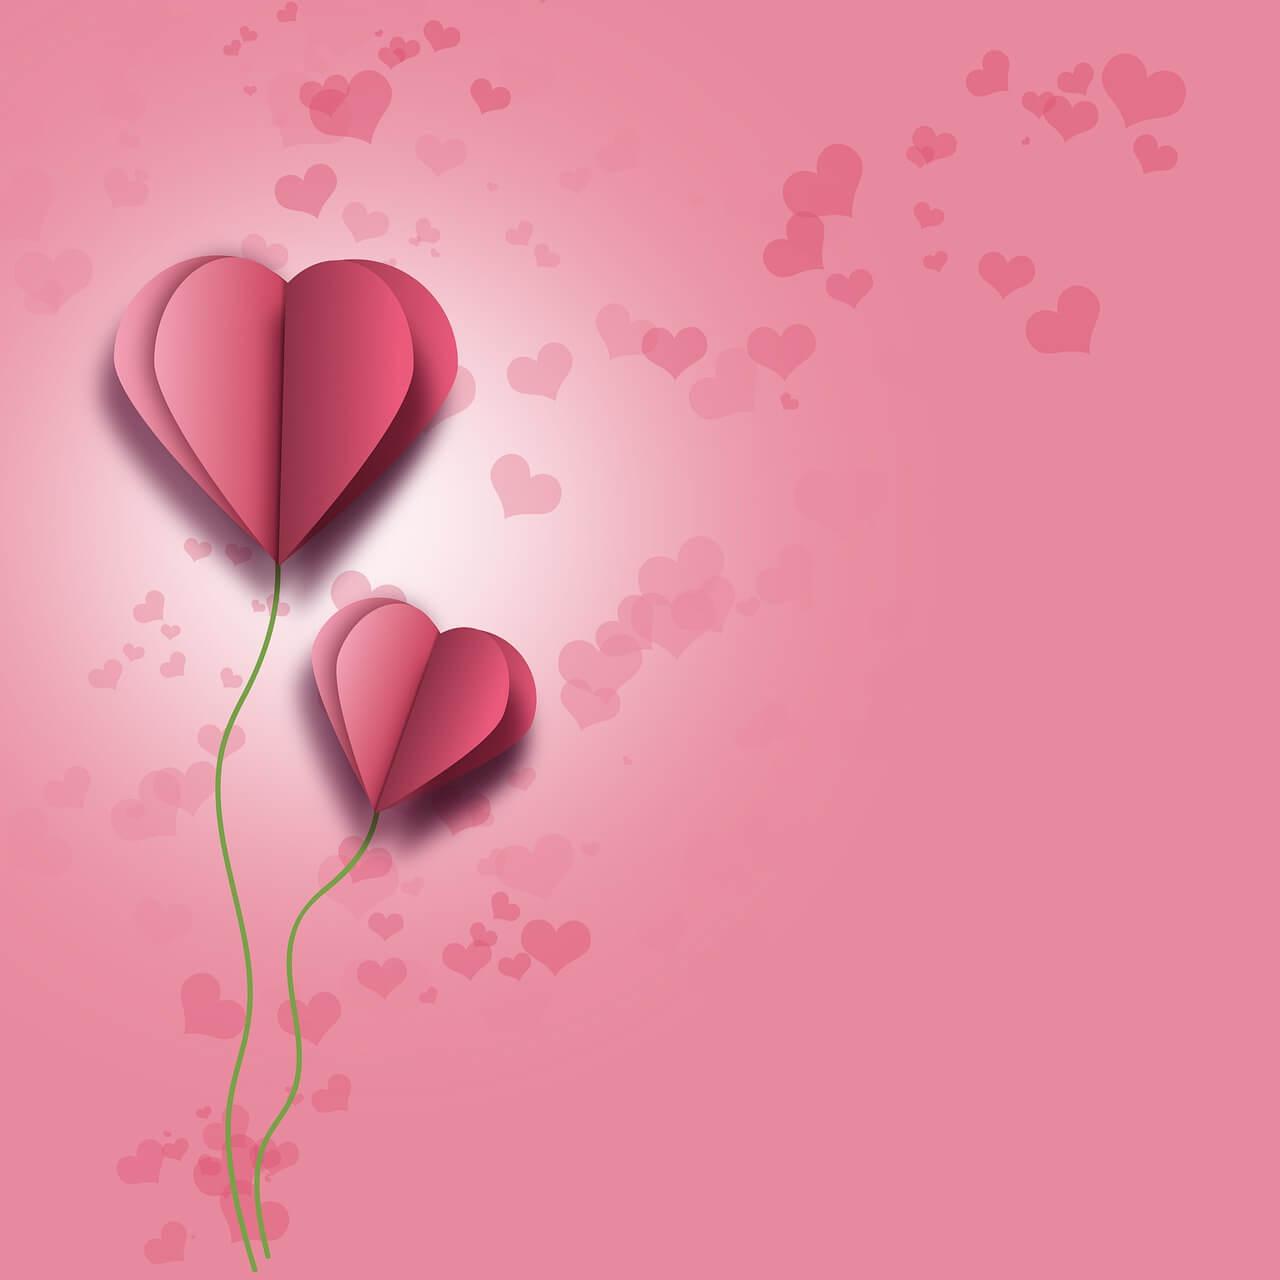 רקע עם לבבות